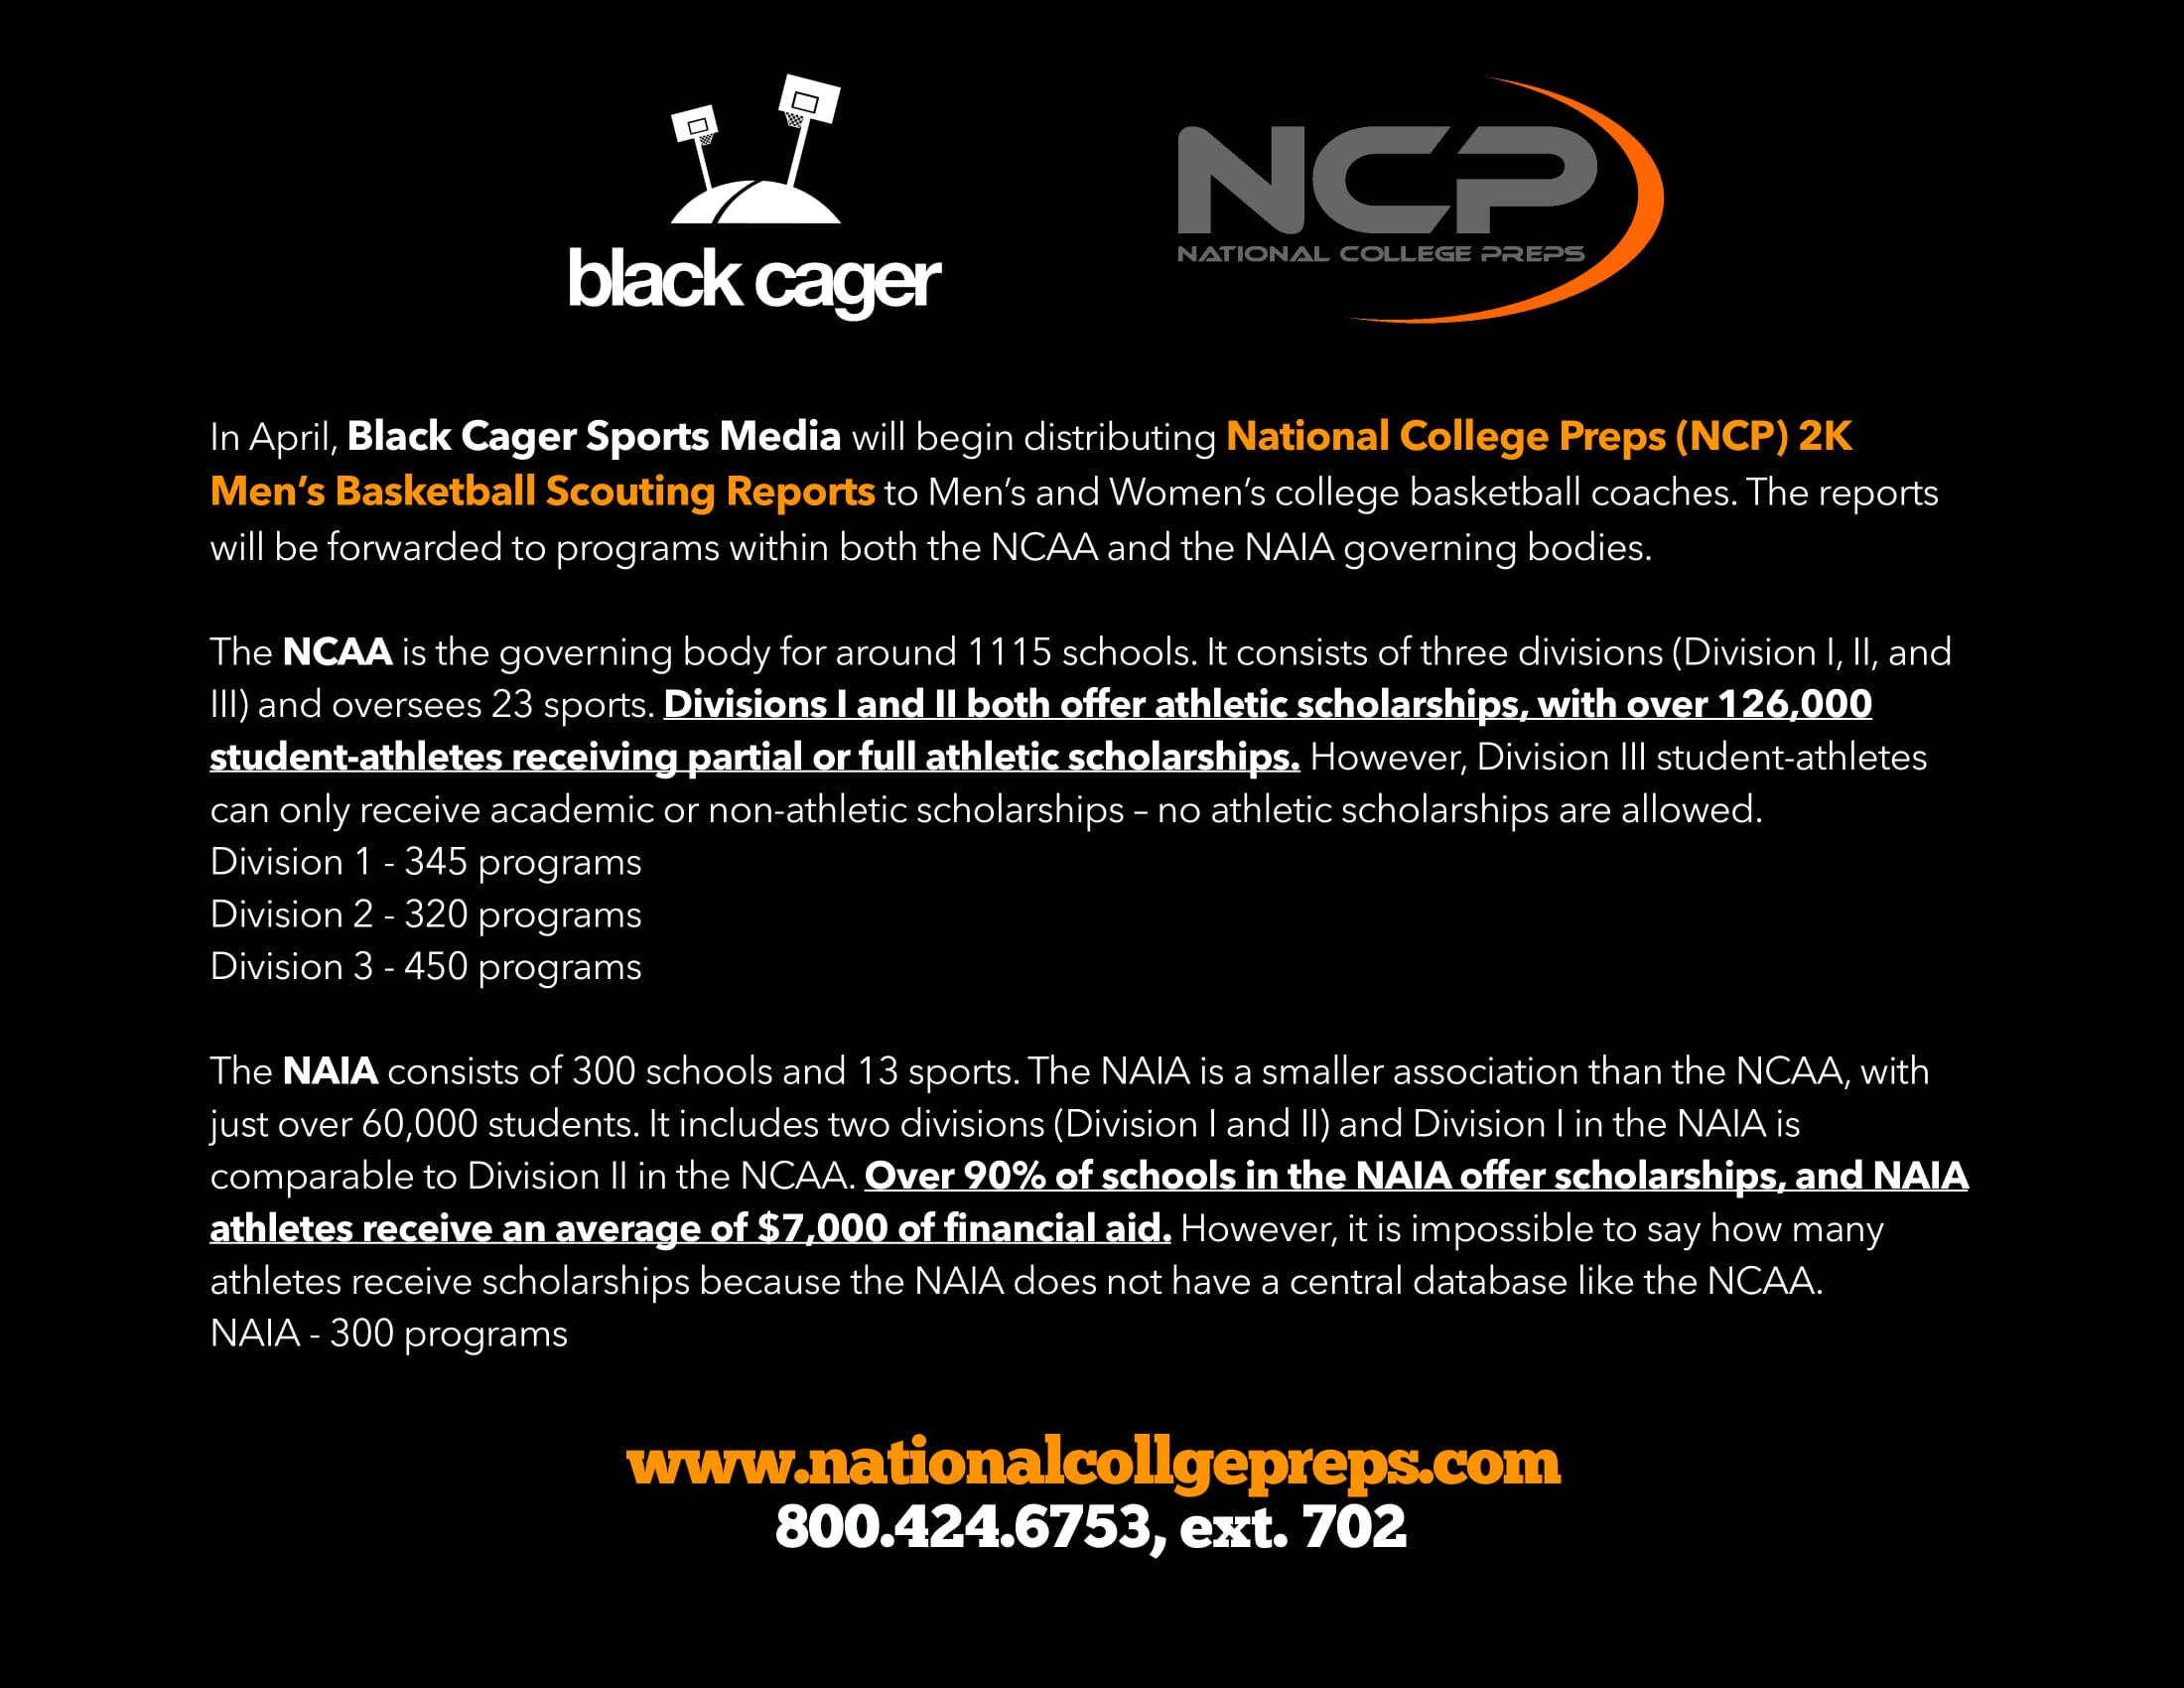 NCP-1